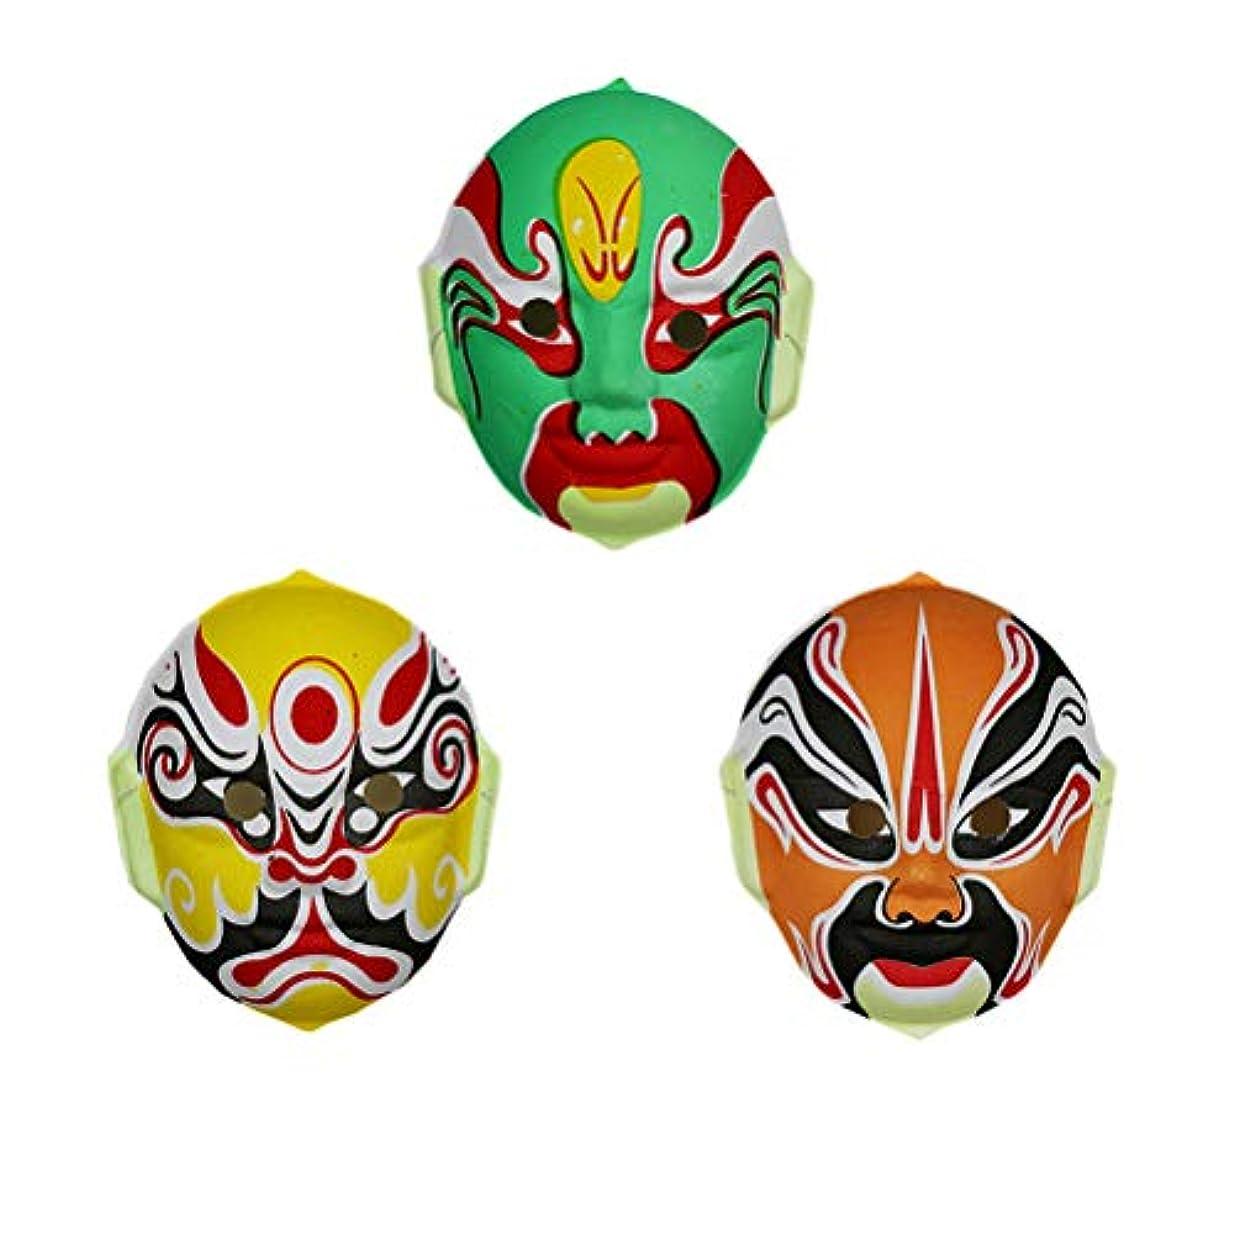 実際多様体ロシアTINKSKY 3本 中国 オペラマスク 伝統オペラマスク ハロウィーン コスプレ小道具 パーティー用品 (ランダムスタイル)